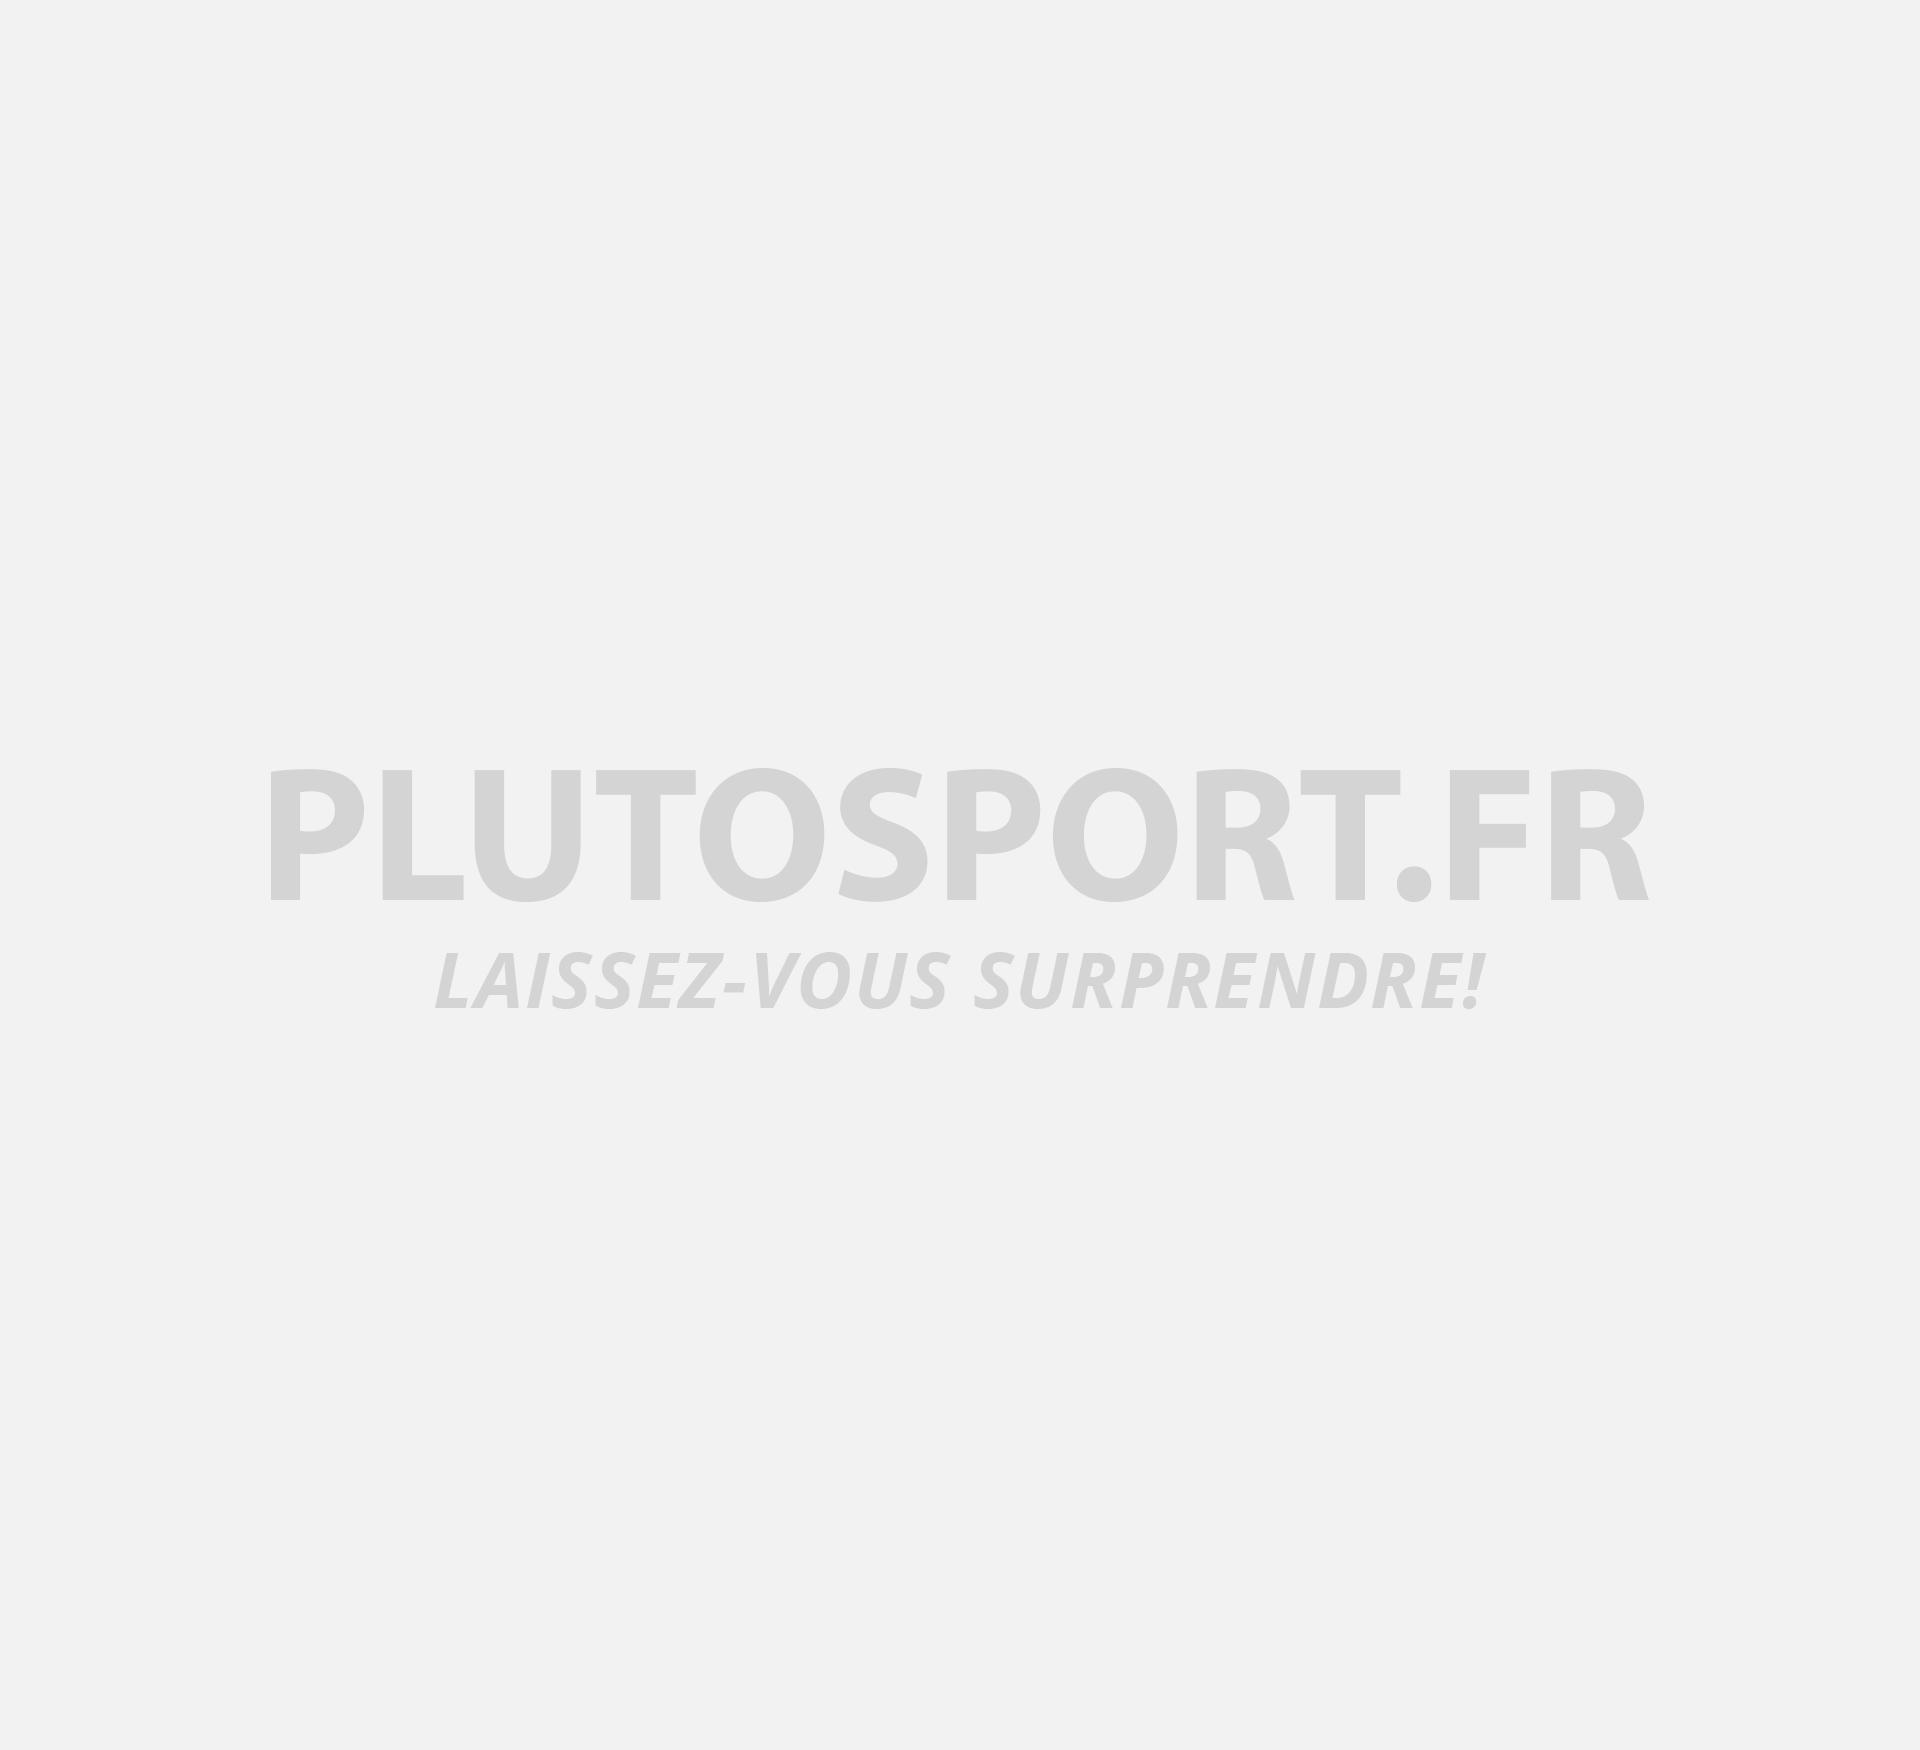 Pantalon De Survêtement Pour Hommes Tiro Pes Polyester Adidas 17 qBaUcg7cF